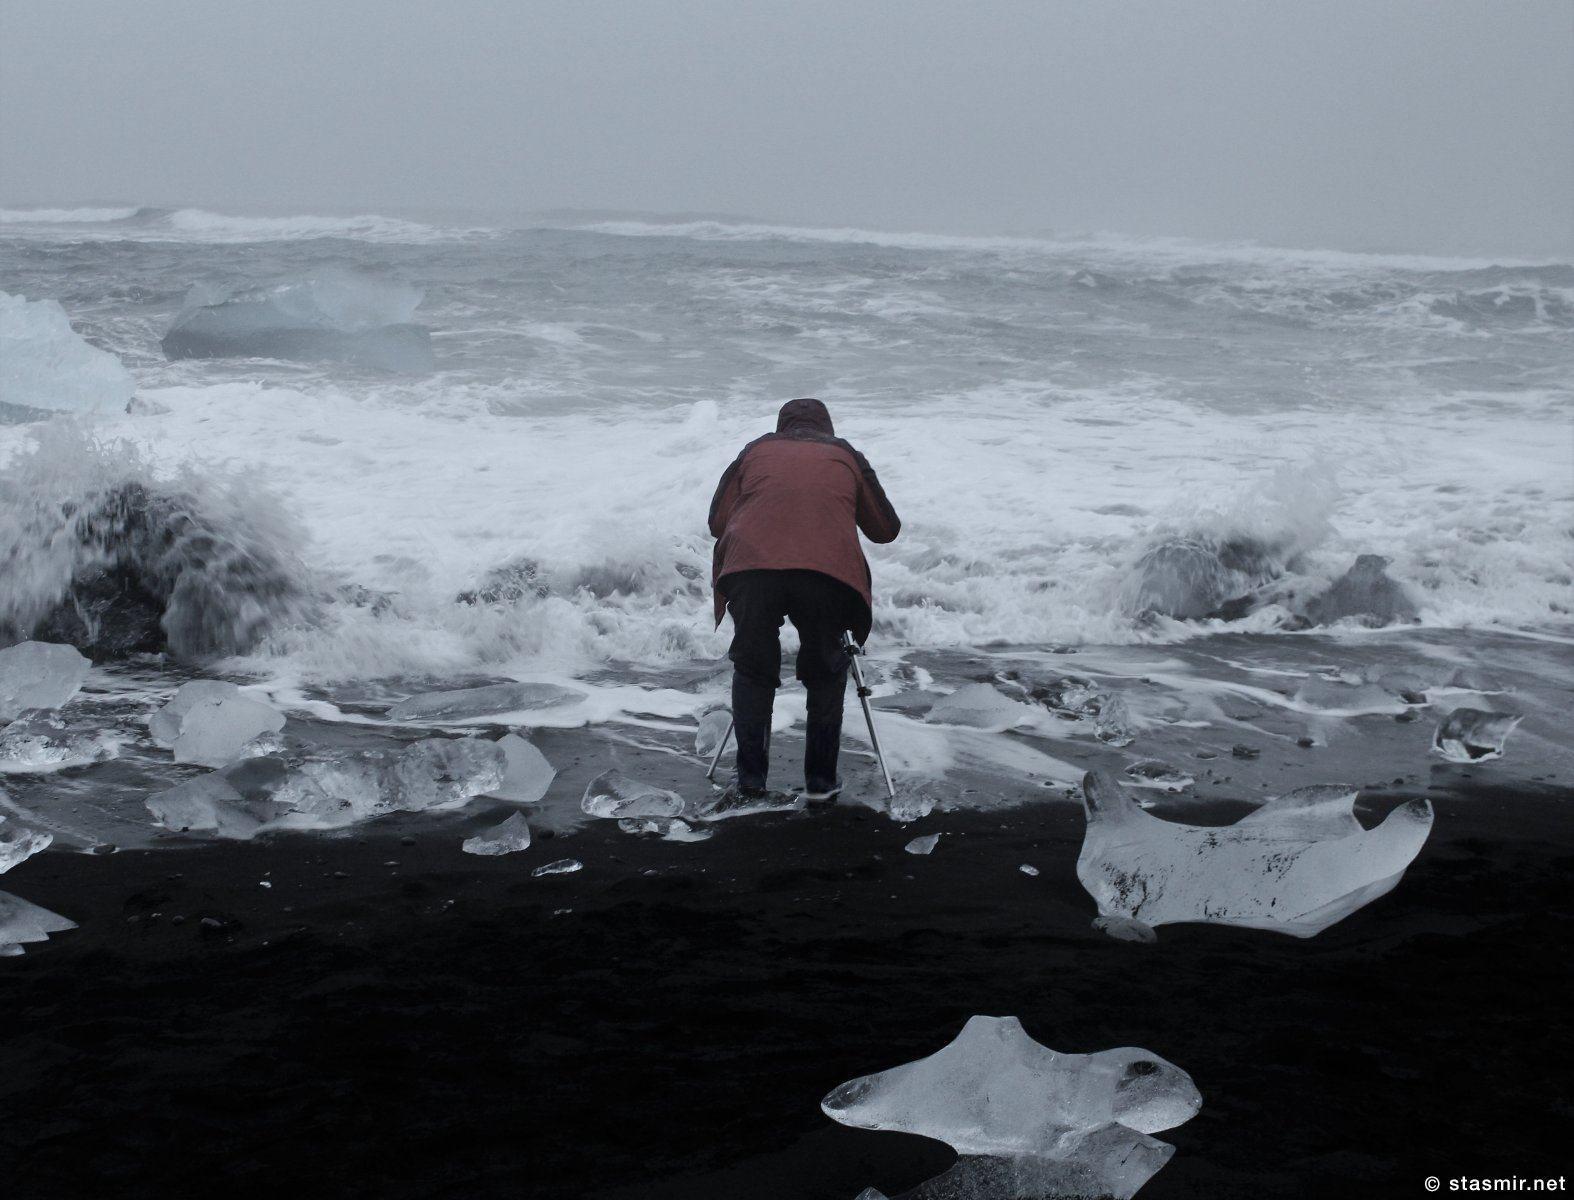 фотограф среди льдов в Йёкюльсаурлоун, фото Стасмир, photo Stasmir, stasmirnet